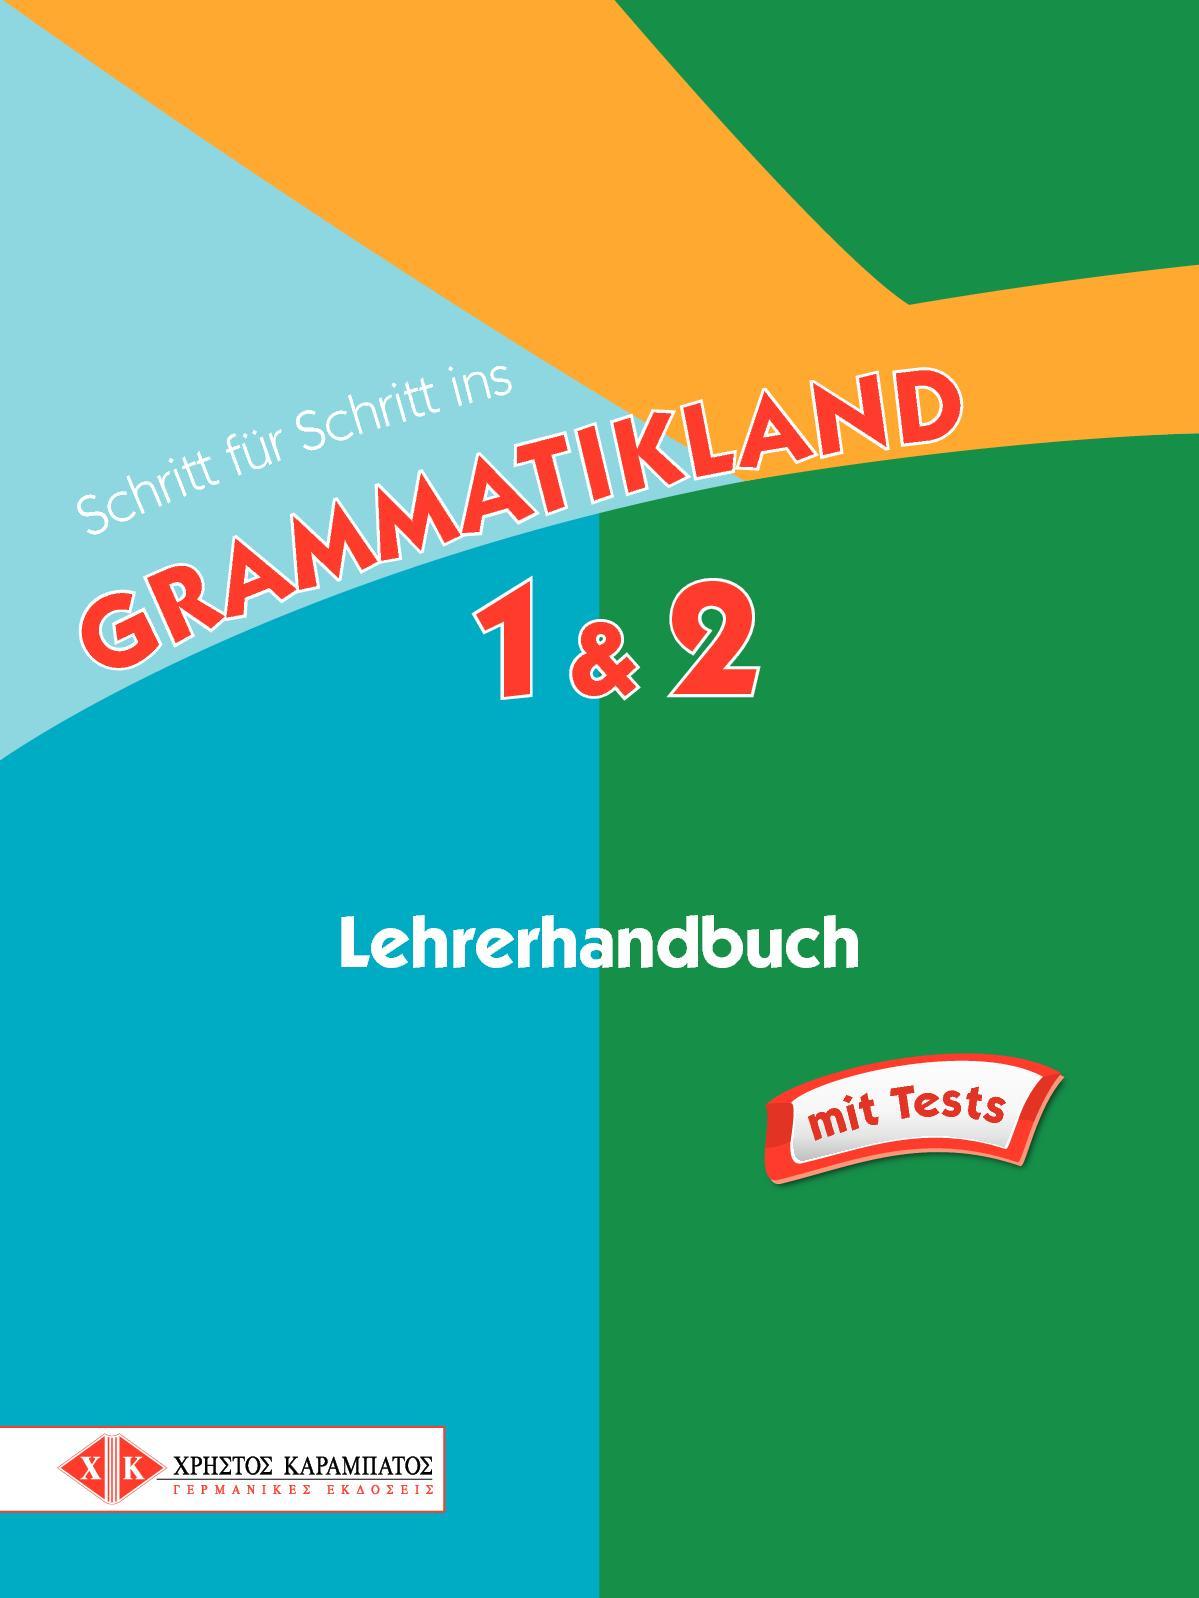 Calaméo - Schritt Für Schritt Ins Grammatikland 1-2